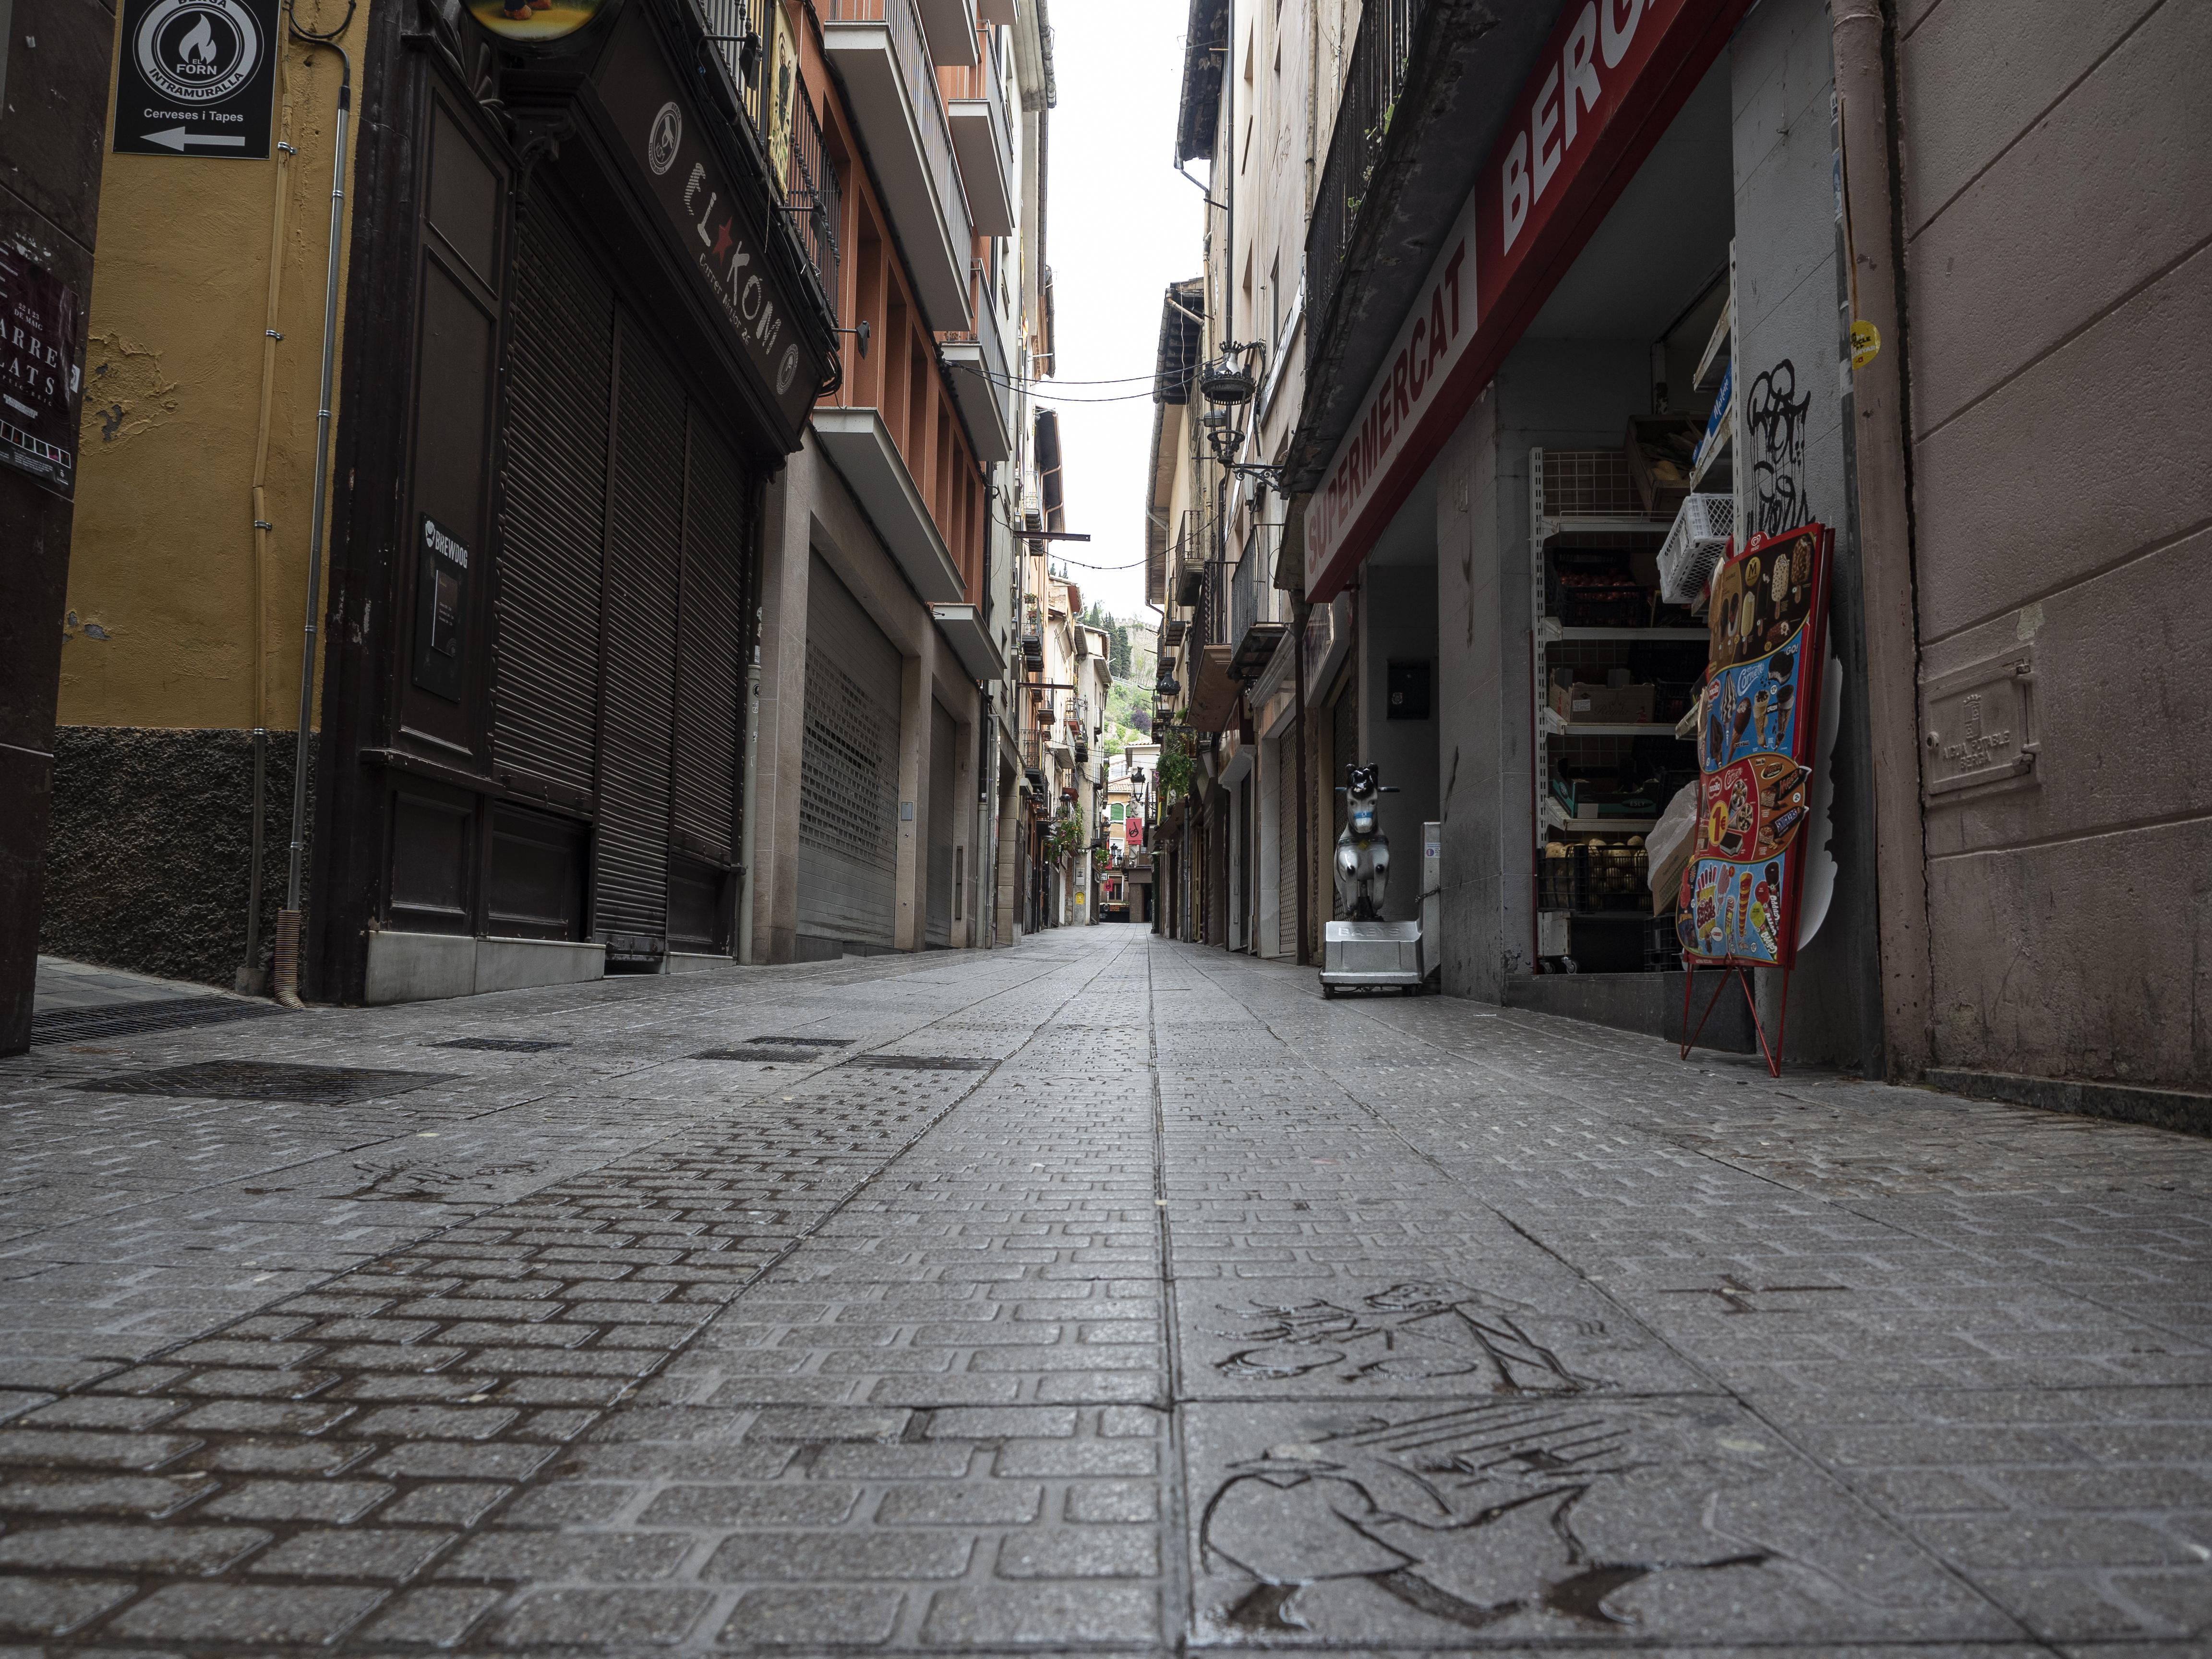 El Carrer Ciutat, també conegut com a Carrer Major és un dels nervis de la festa berguedana. FOTO: Anna E. Puig